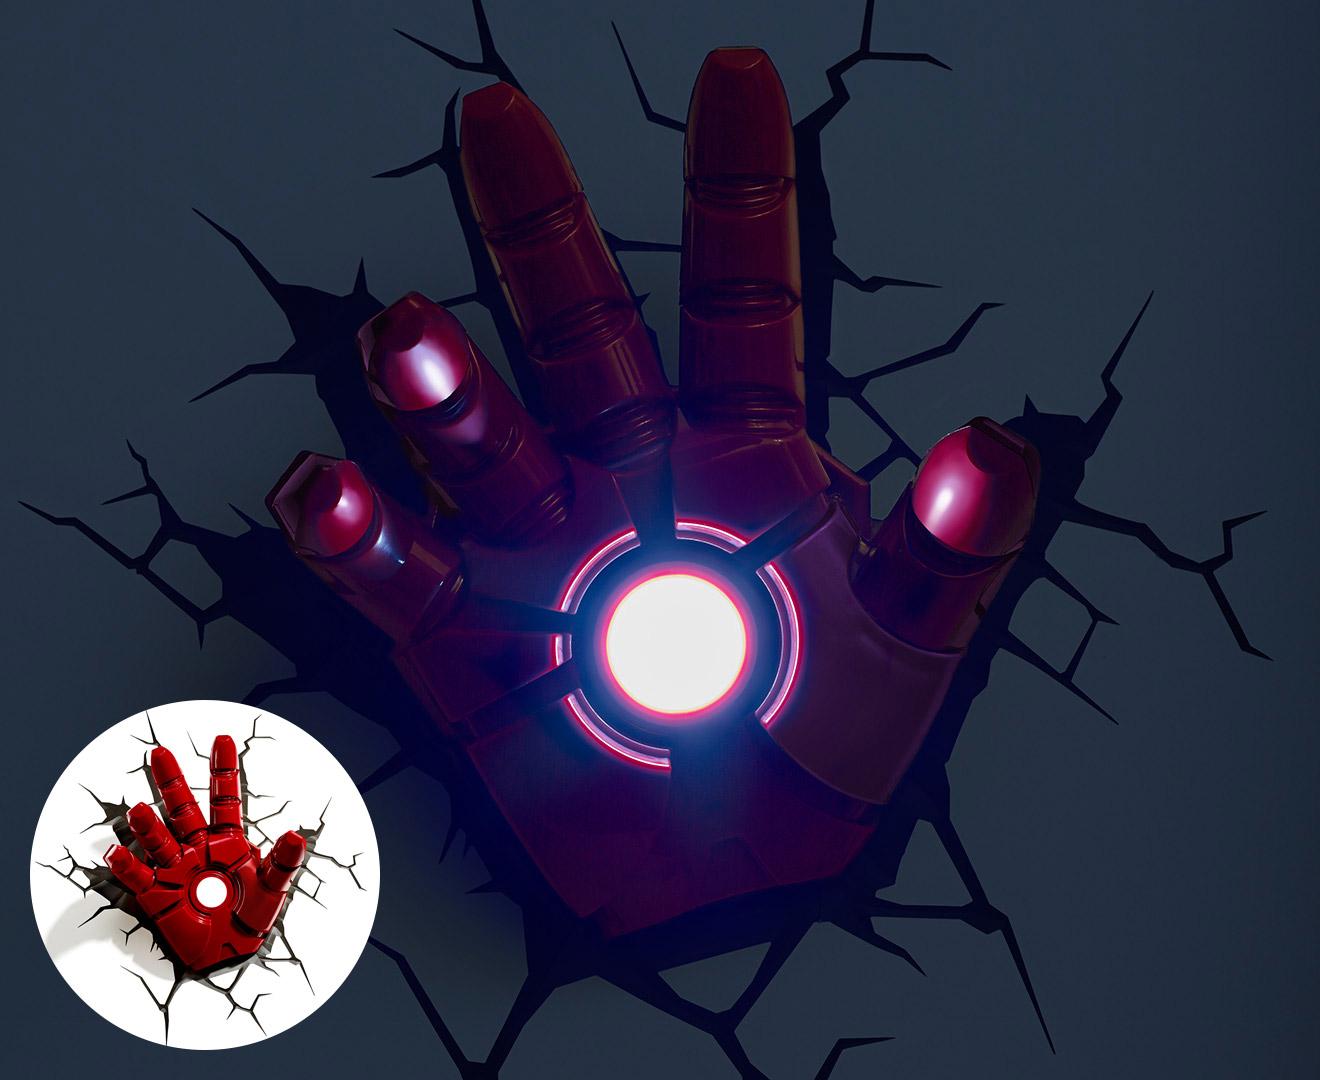 Marvel Wall Lights Maplin : 3D Marvel Iron Man Hand Wall Light - Red eBay